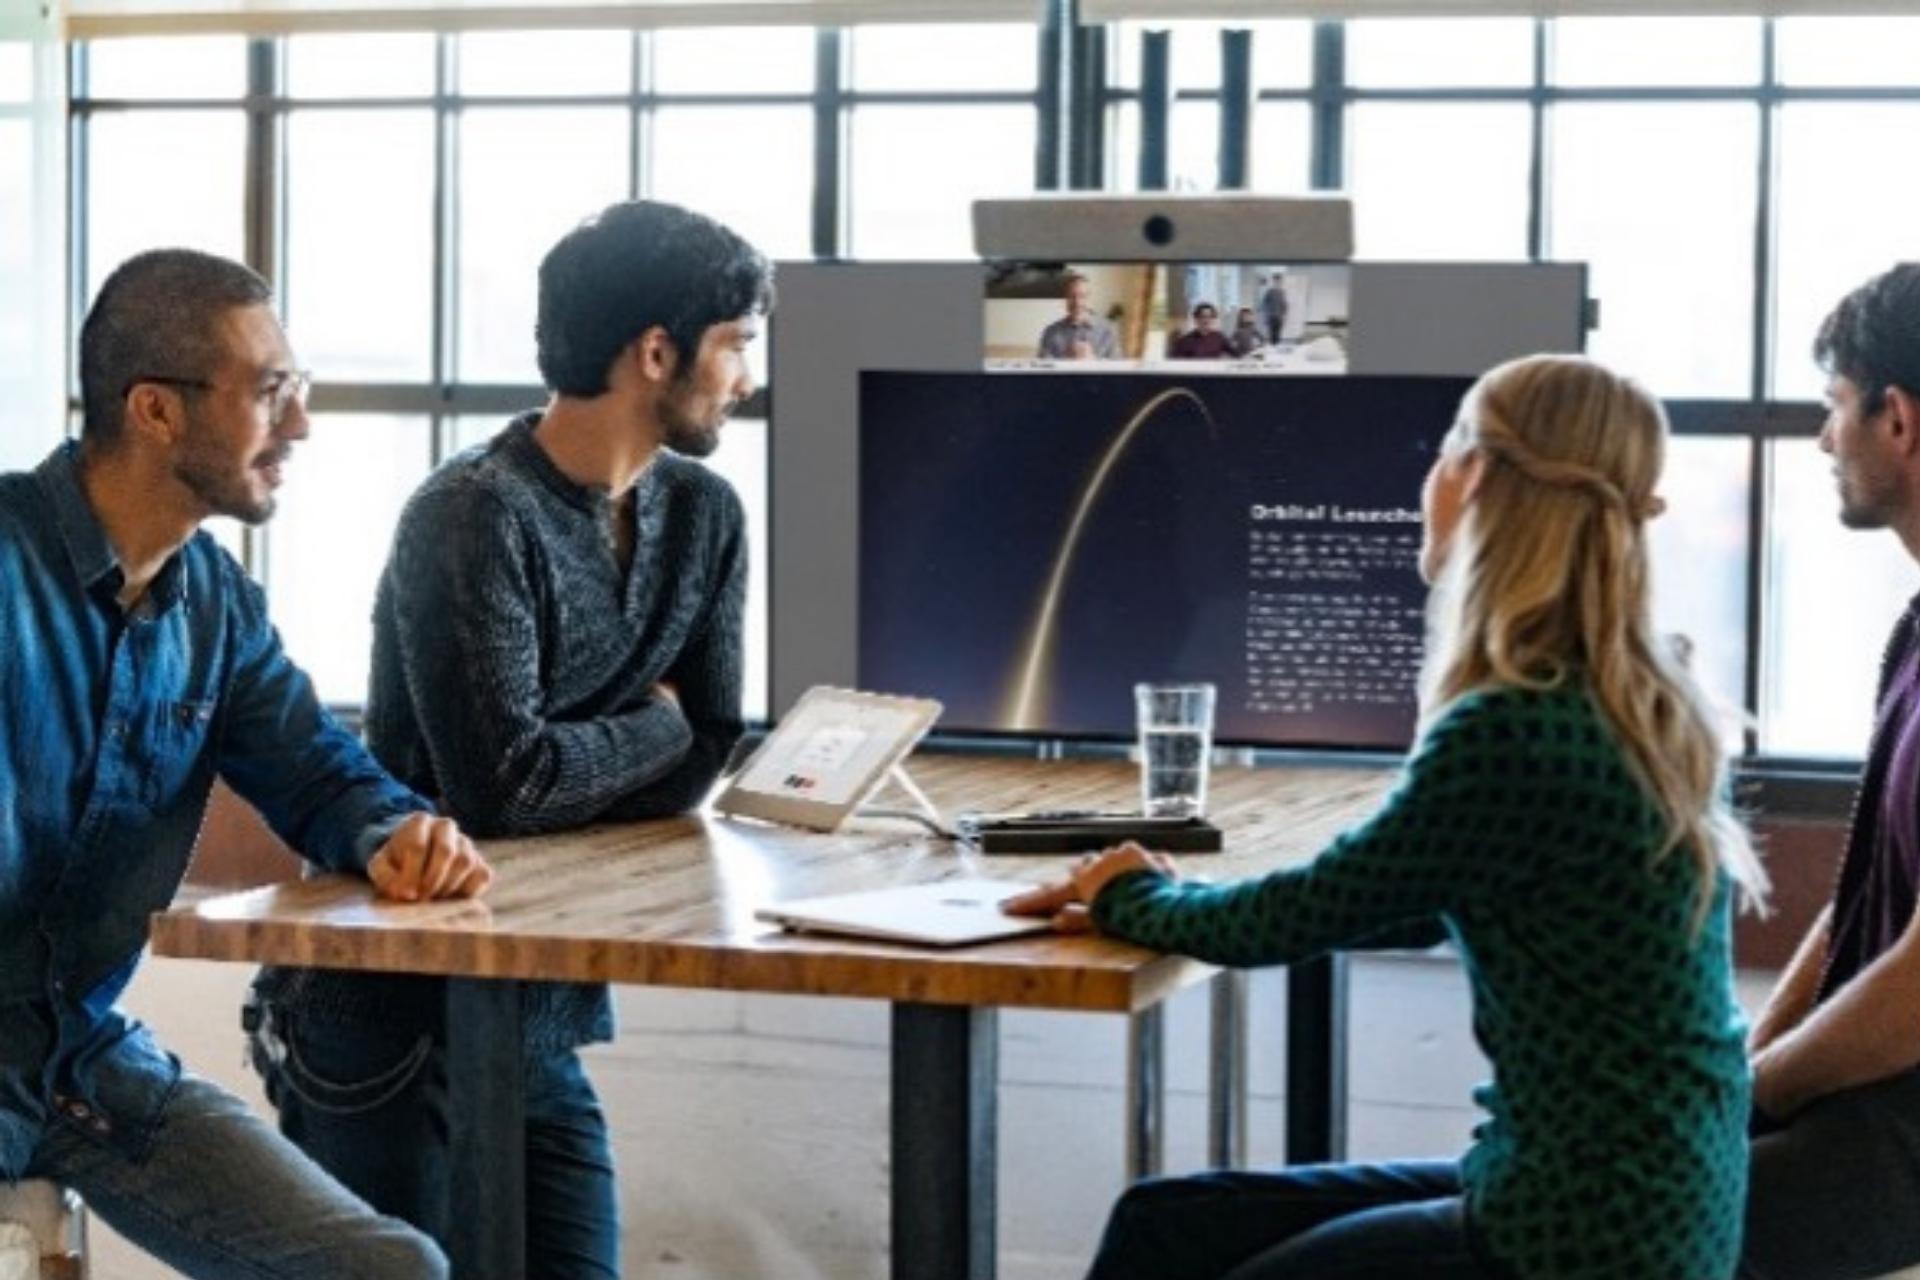 Reuniones efectivas con participantes presenciales y virtuales